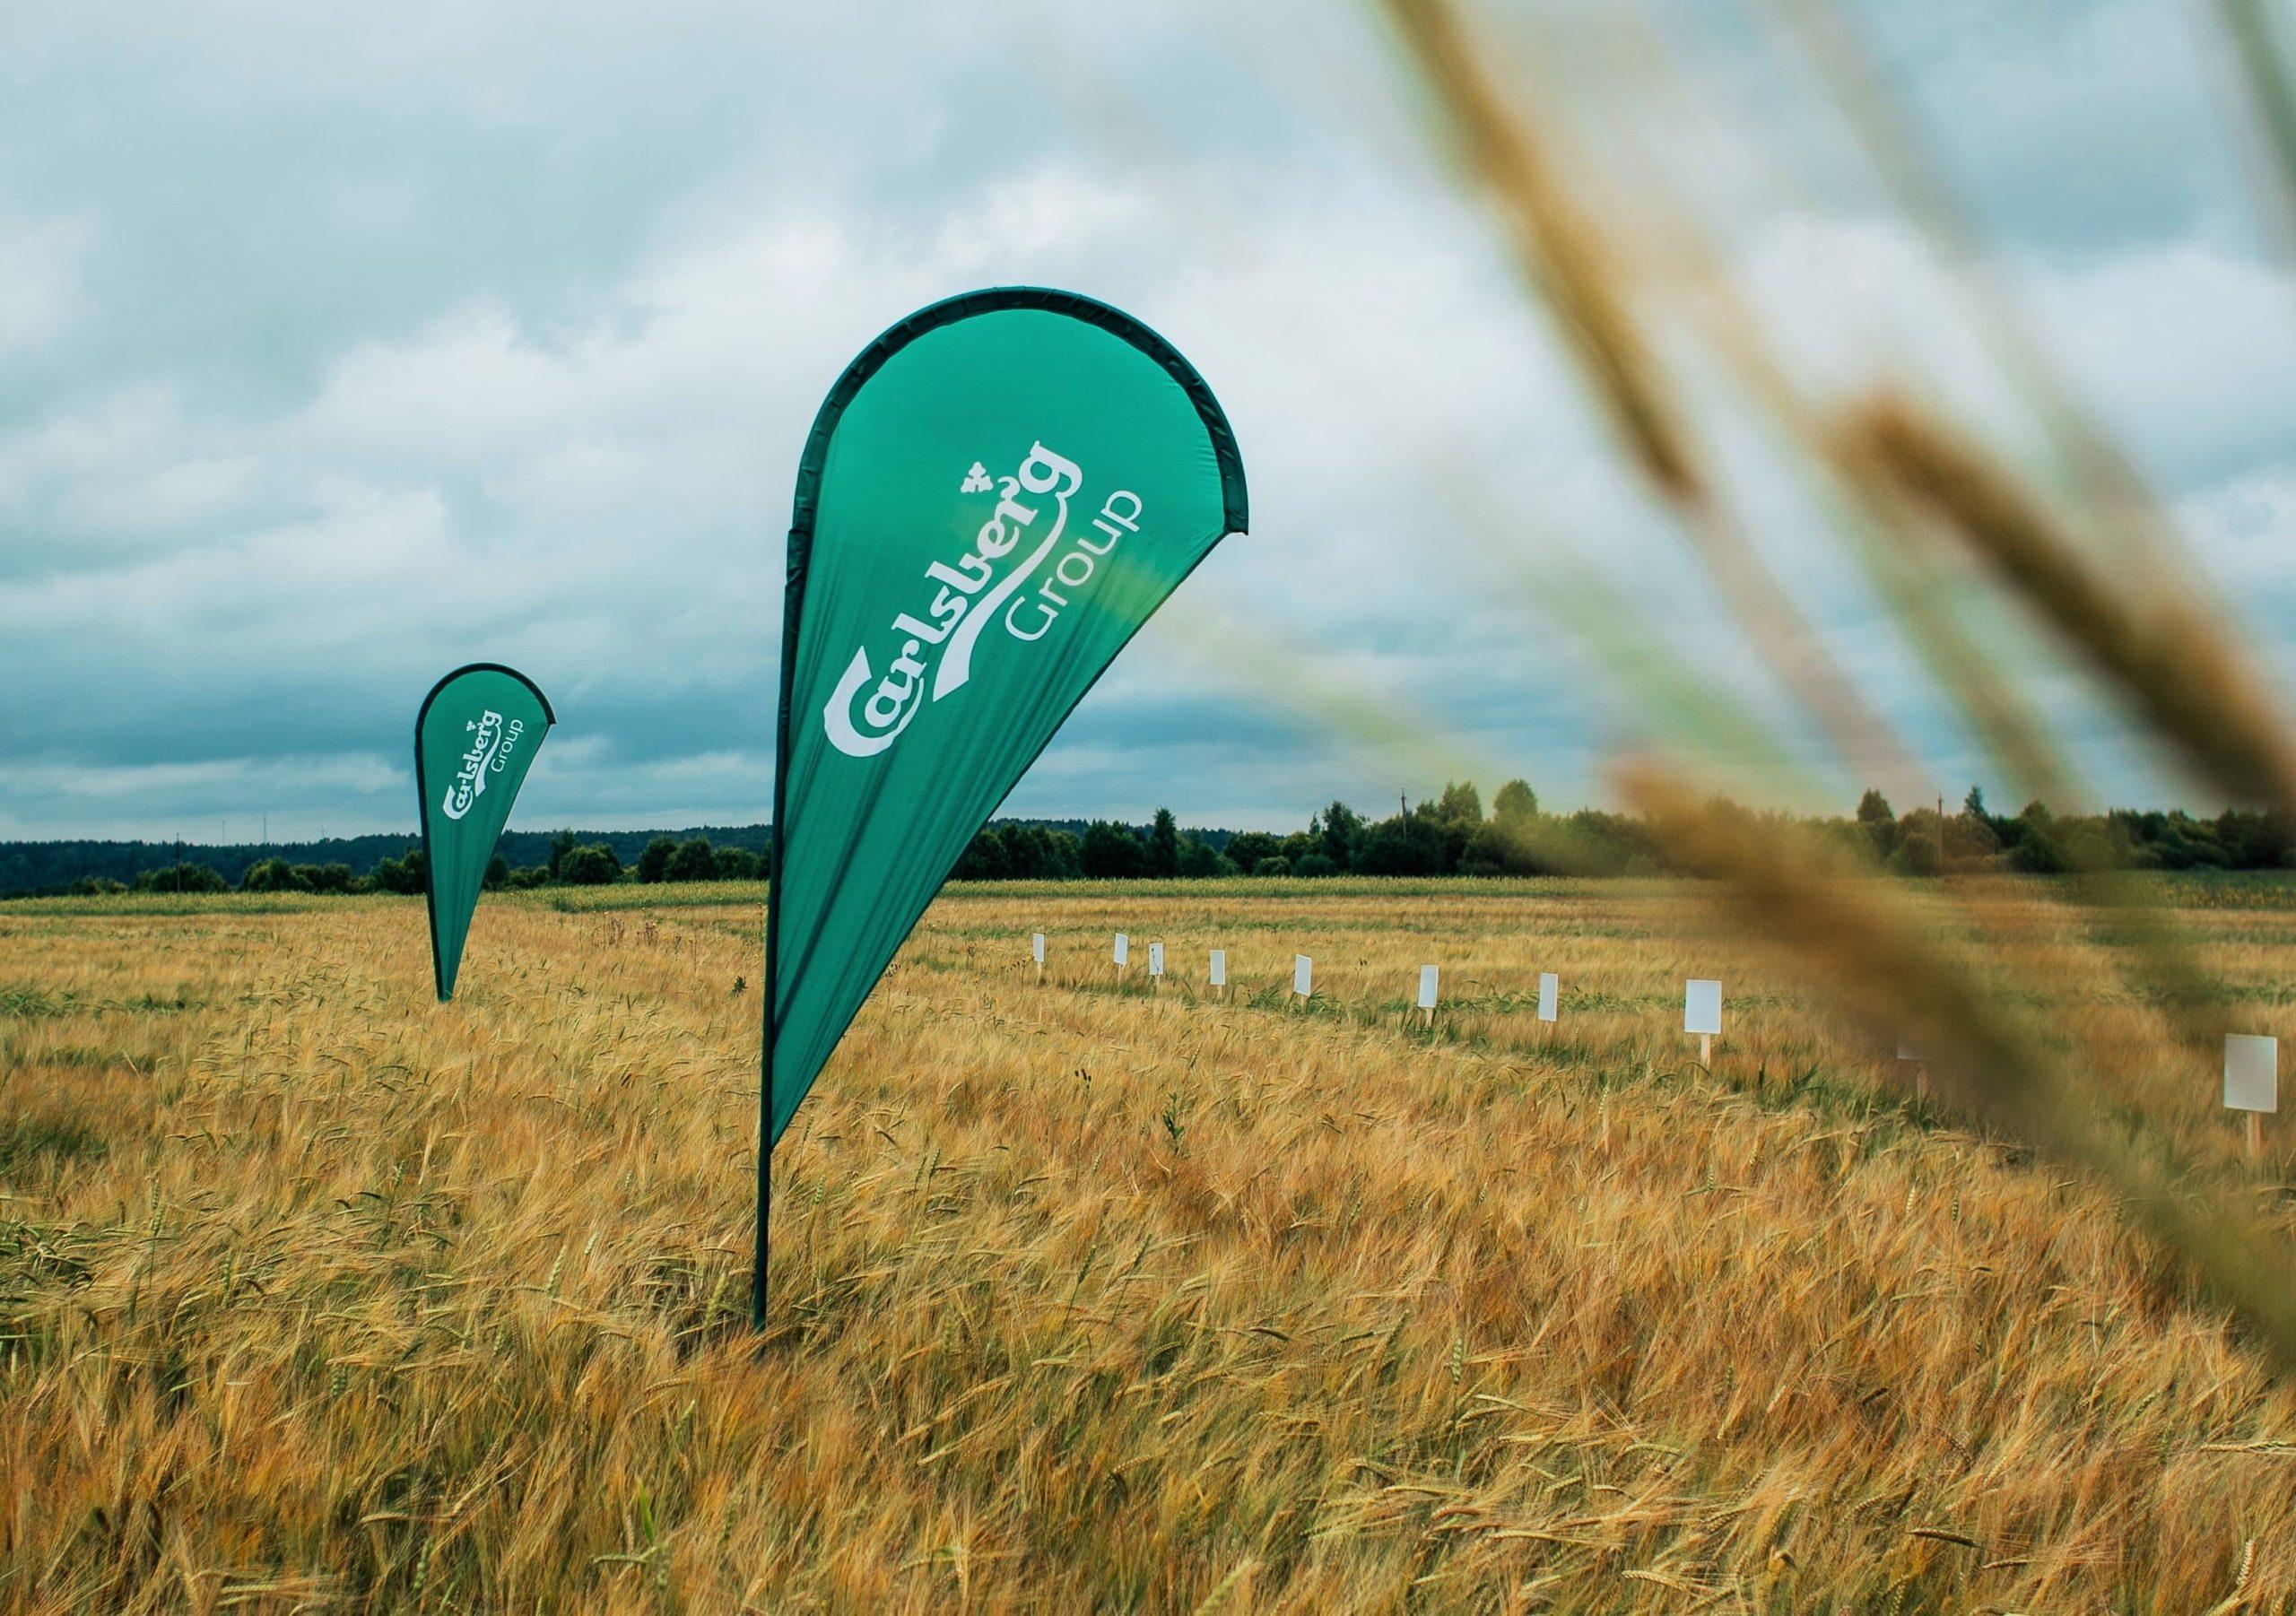 В 2020 году Carlsberg Group собрала 300 тысяч тонн ячменя в рамках агропроекта в России